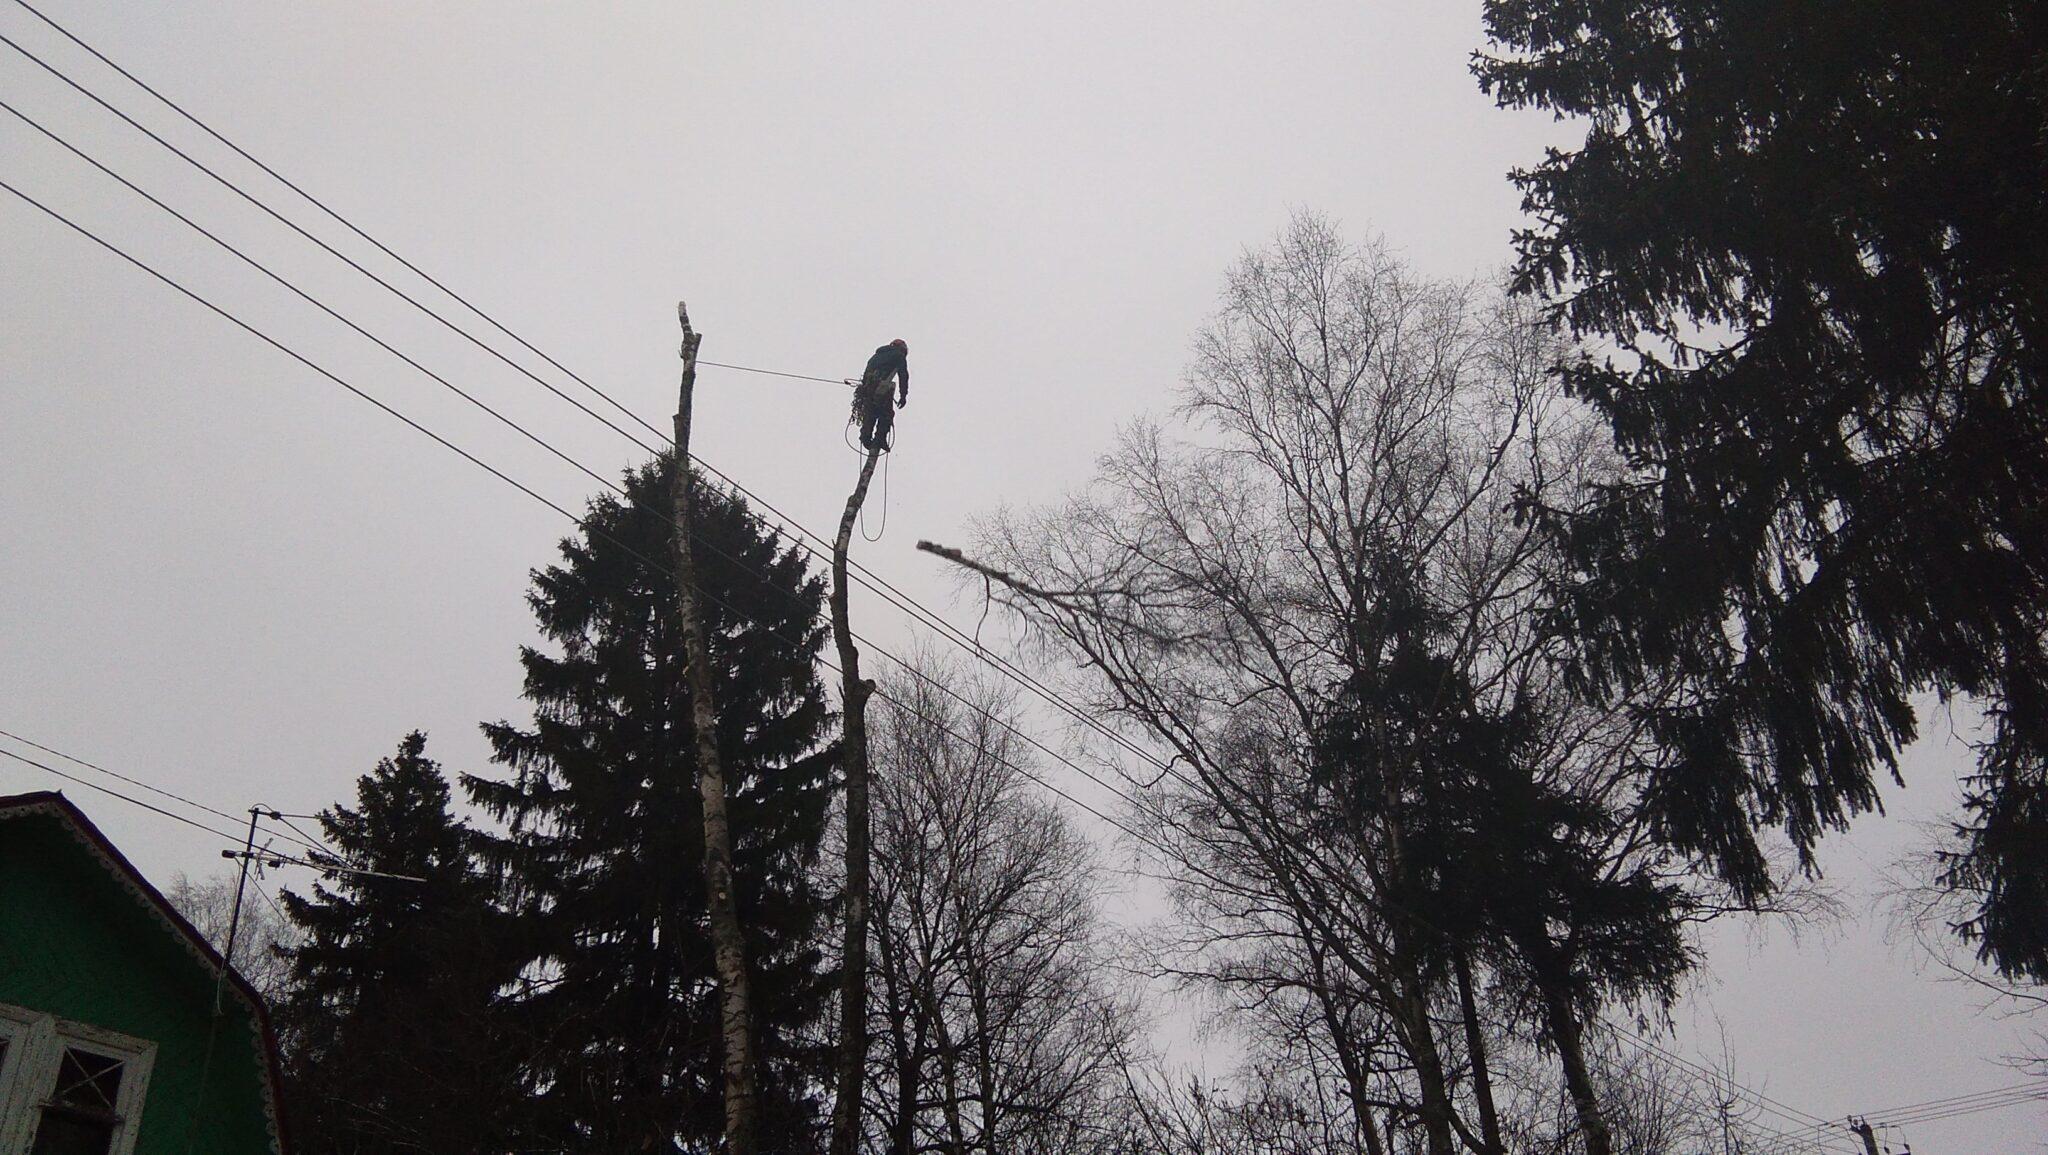 Спиливание 9 деревьев в СНТ Железнодорожник, городской округ Клин, корчевание пней, измельчение веток.